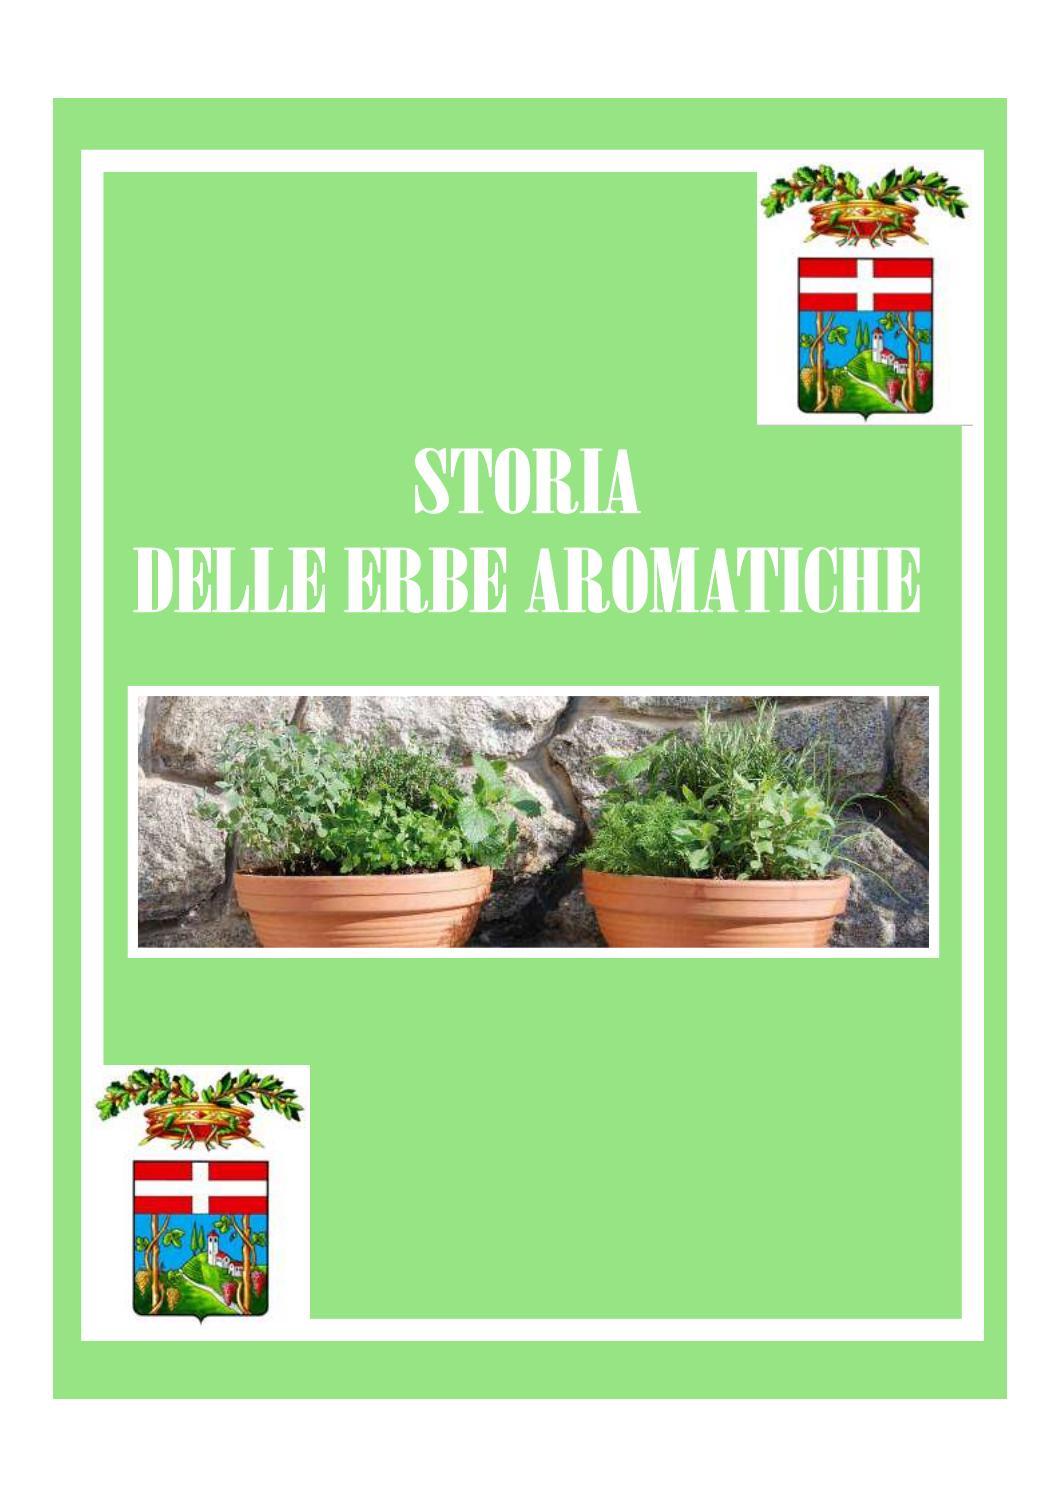 Miniatura Albero inverno i i casa giardino semi sementi lacrime-pino